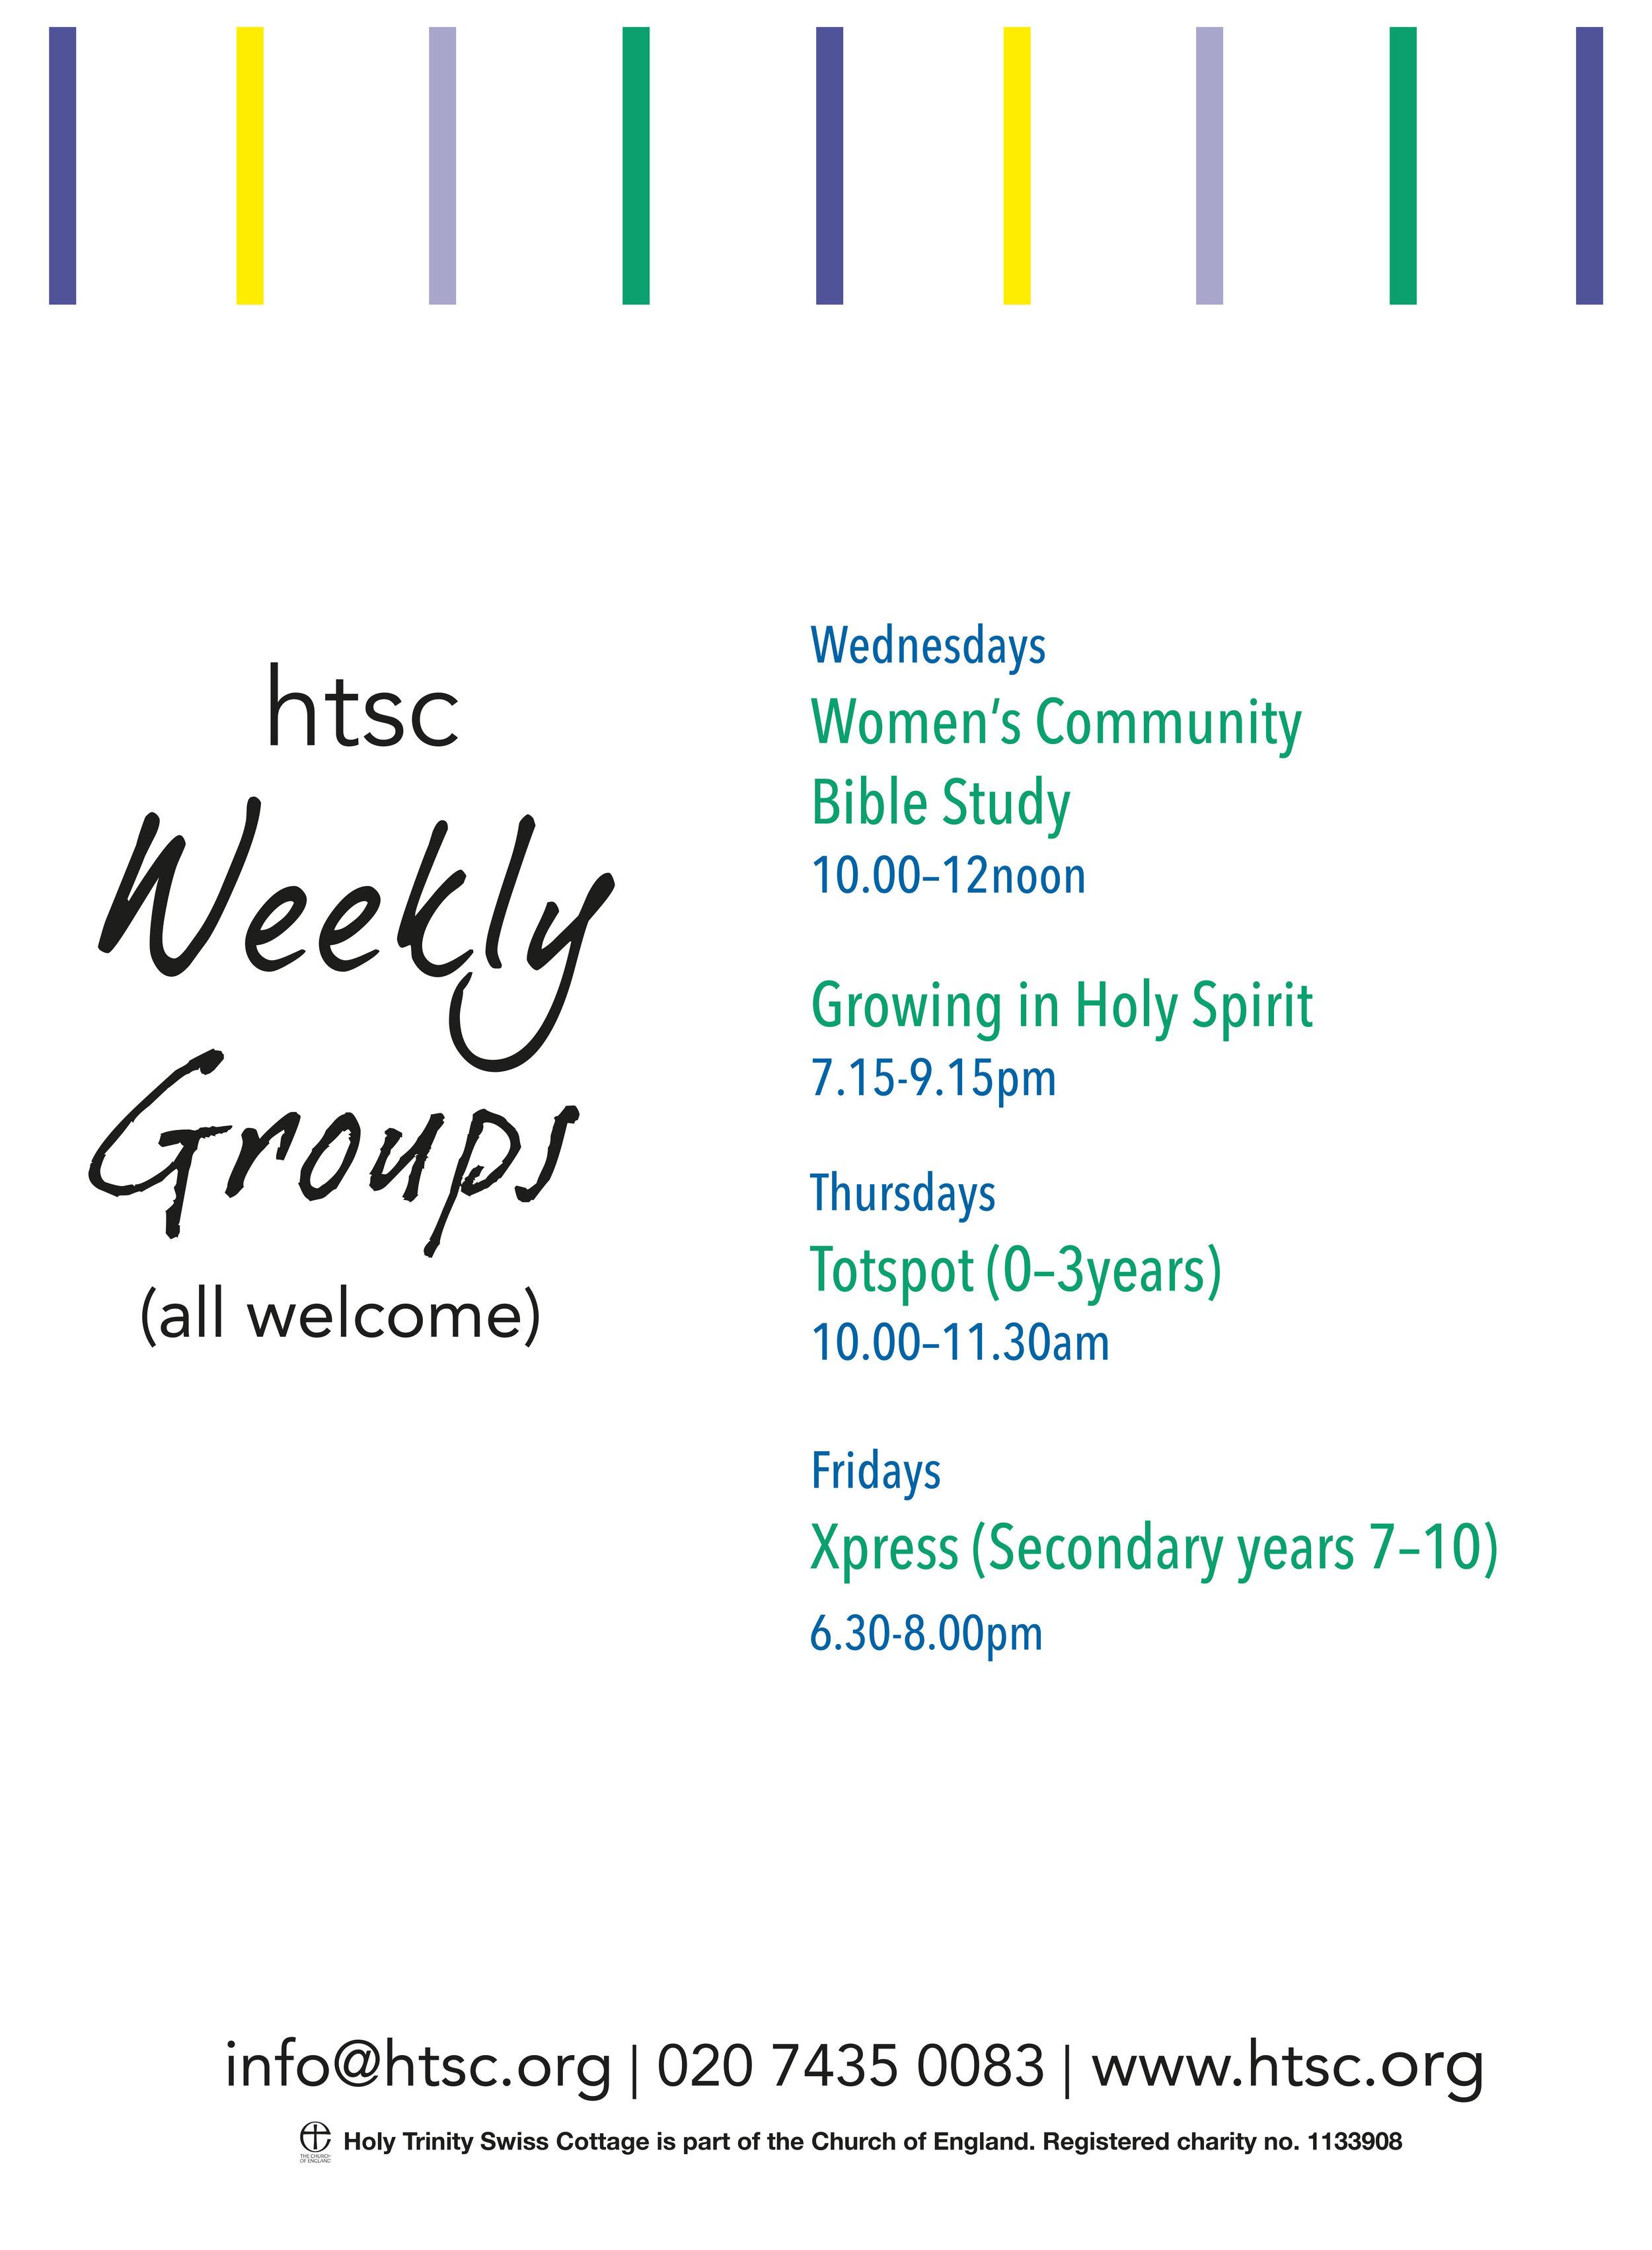 HTSC-Weekly-Groups_web.jpg